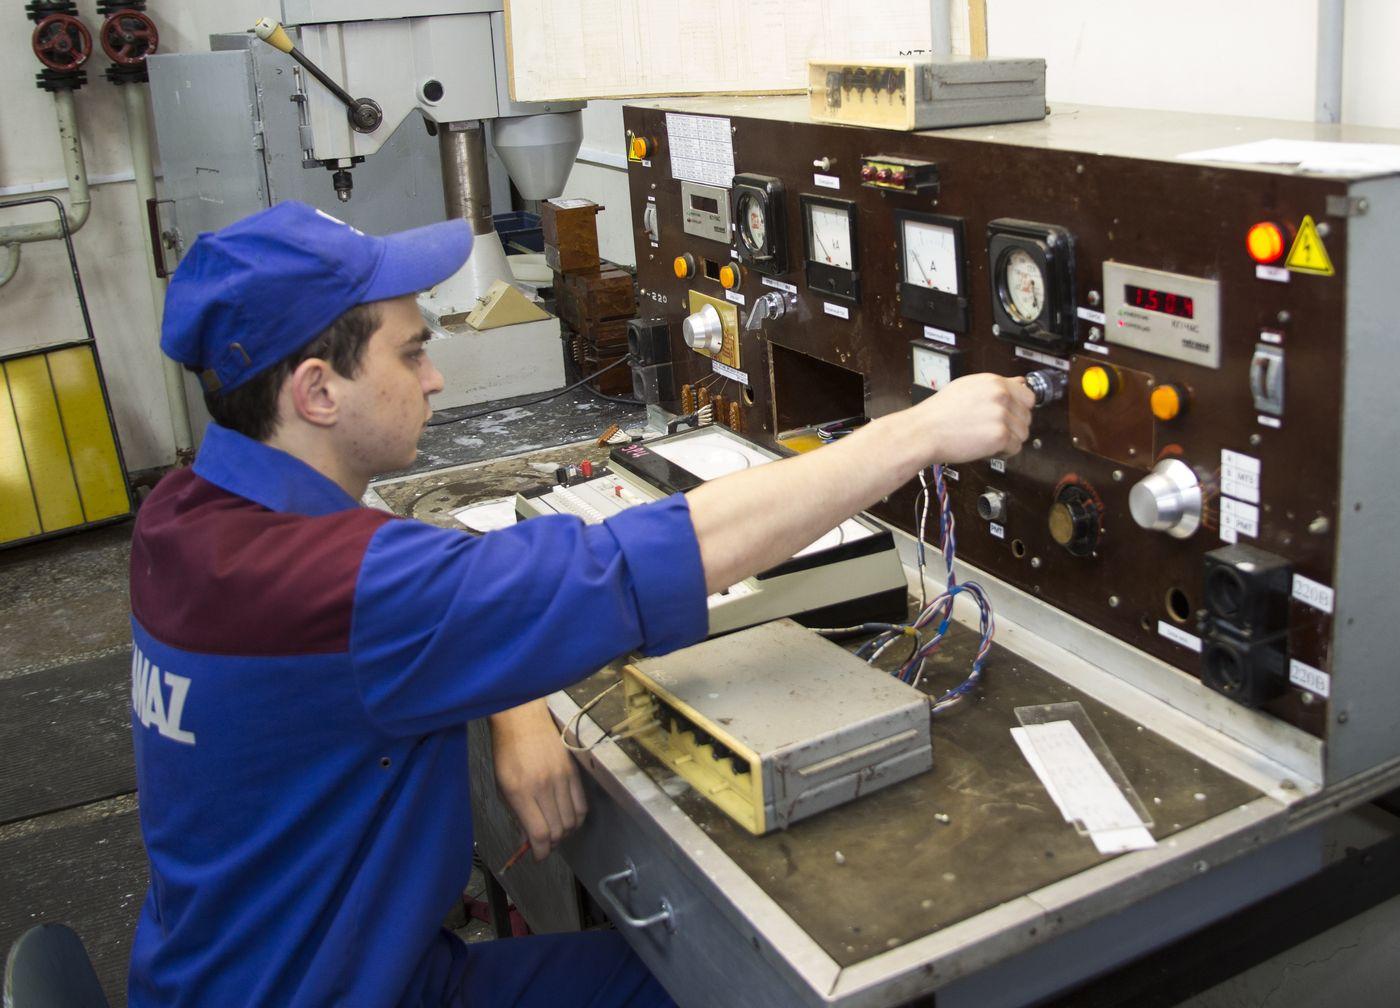 Ежегодная проверка полупроводниковых блоков на уникальном стенде, разработанном специалистами ЗД